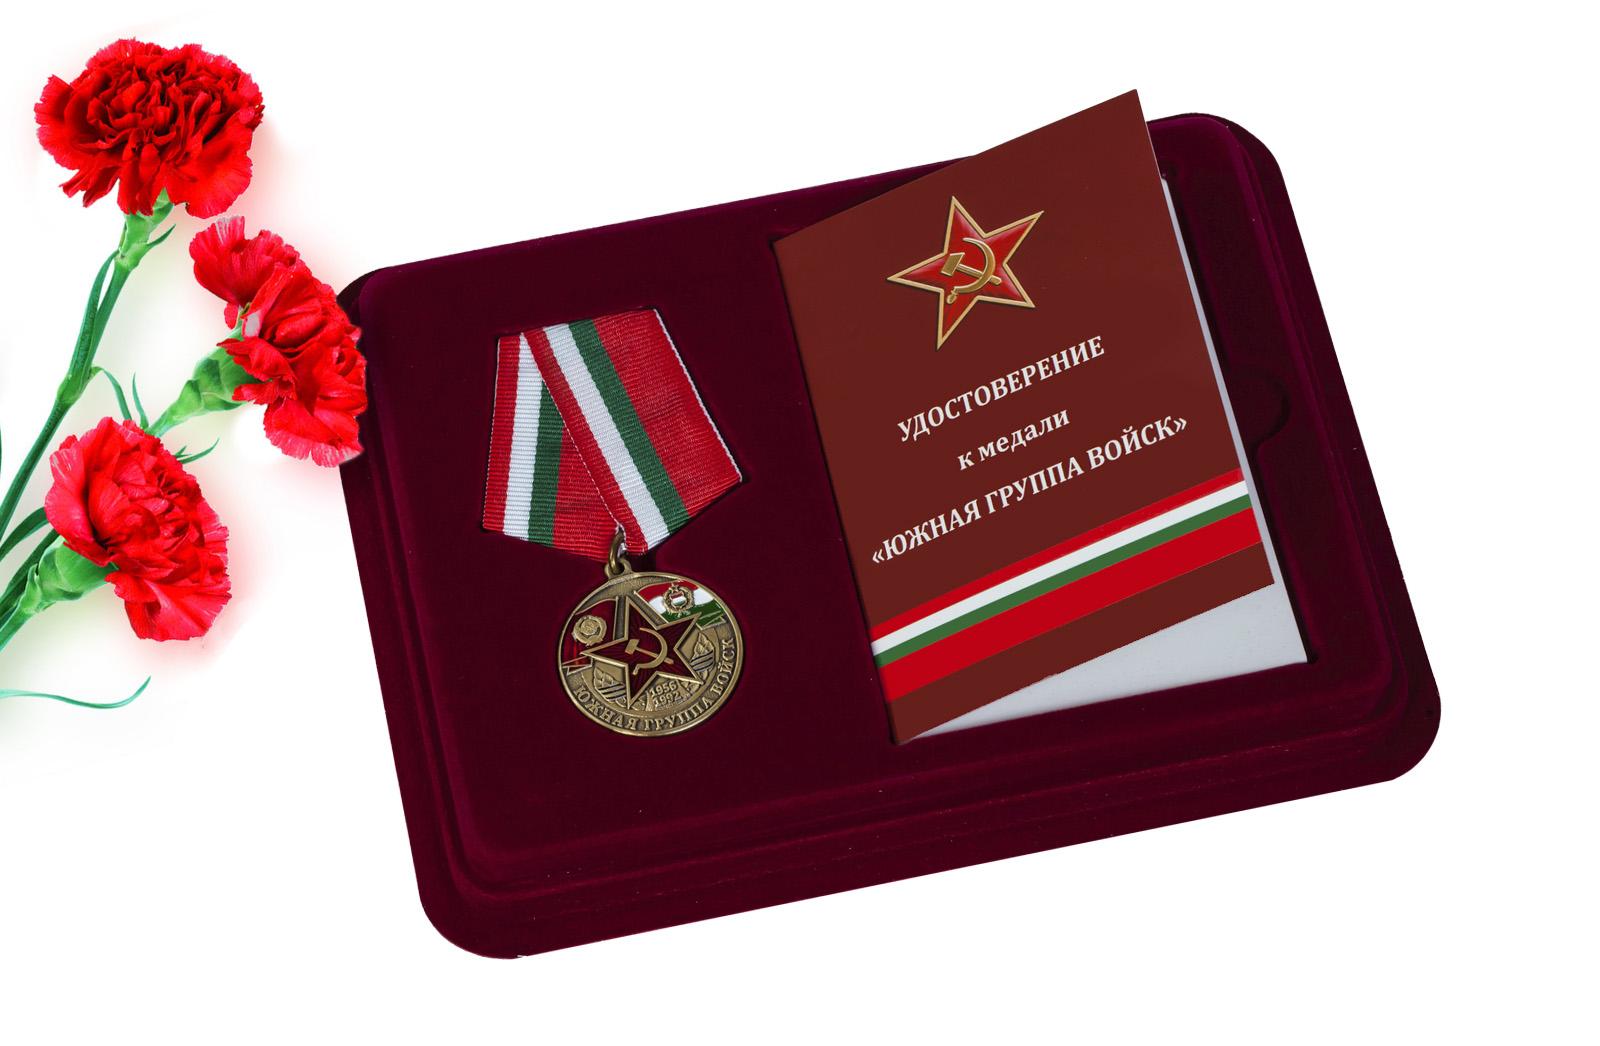 Купить медаль Южная группа войск 1956-1992 оптом или в розницу